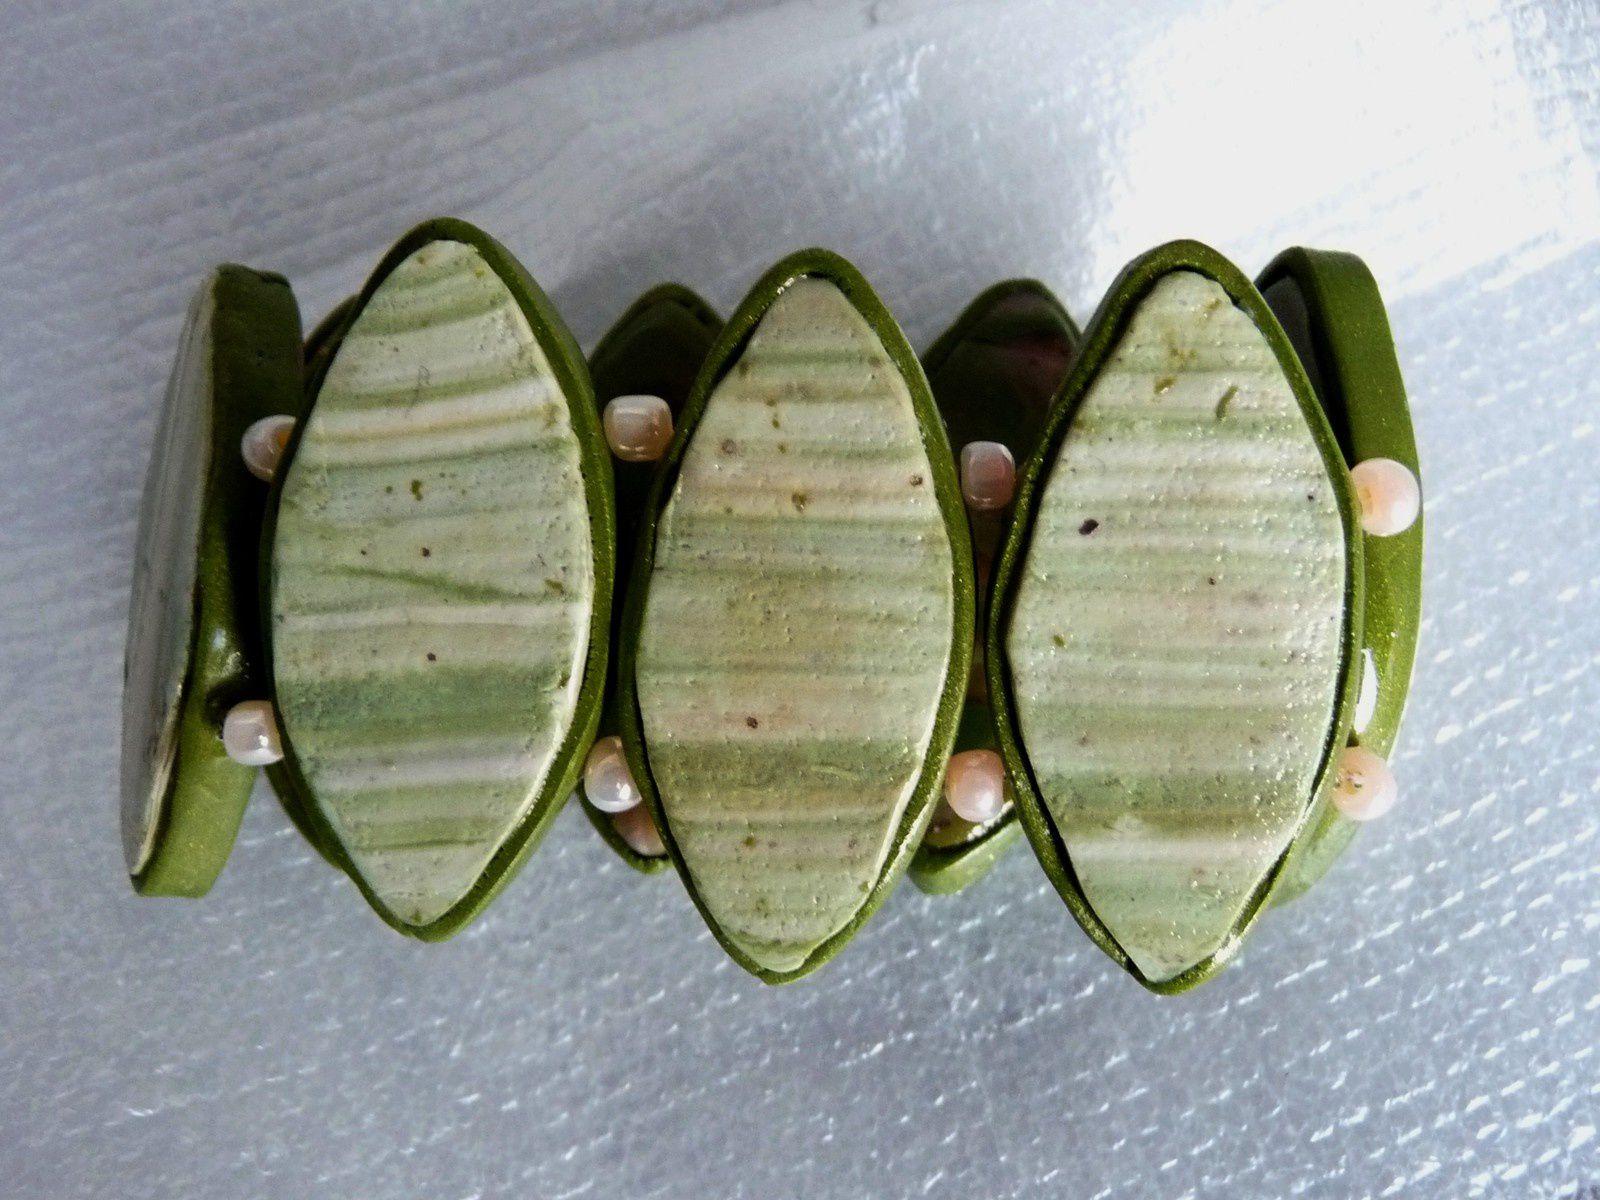 Un bracelet plaques navettes en mokumé gané vert, rose et or sur élastique